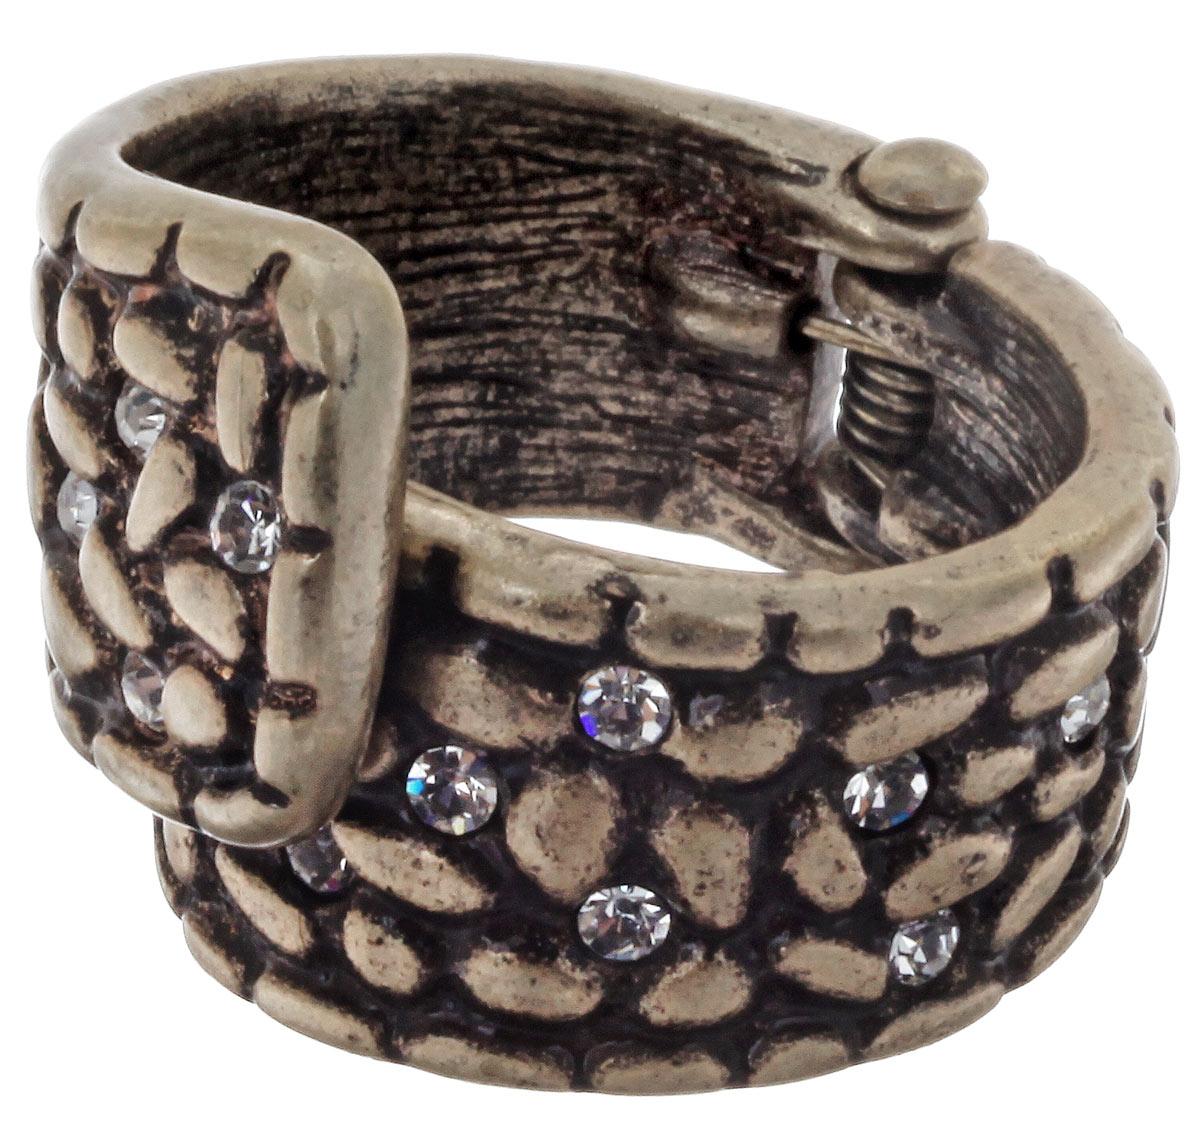 Кольцо Selena Street Fashion, цвет: золотой. 6001367060013670Стильное кольцо Selena Street Fashion, выполненное из бижутерийного сплава с гальваническим покрытием из золота, инкрустировано стразами Swarovski. Оригинальное кольцо придаст вашему образу изюминку, подчеркнет индивидуальность.